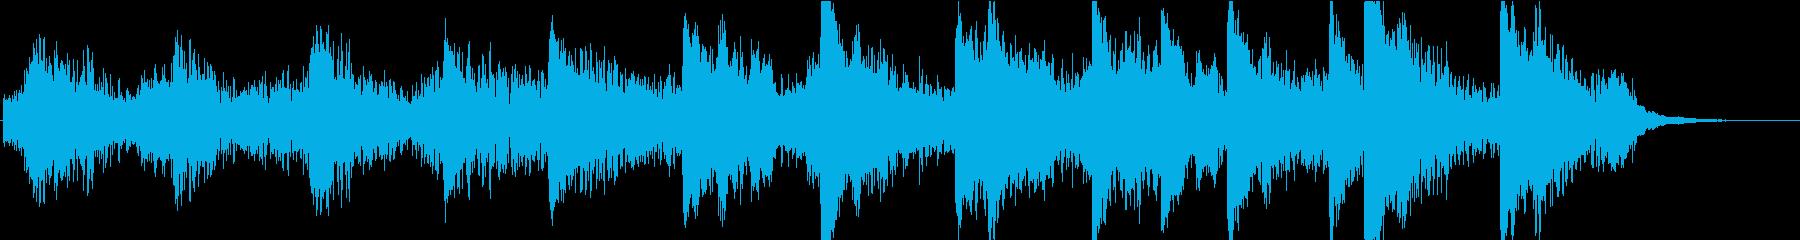 アンビエントミュージック 素晴らし...の再生済みの波形